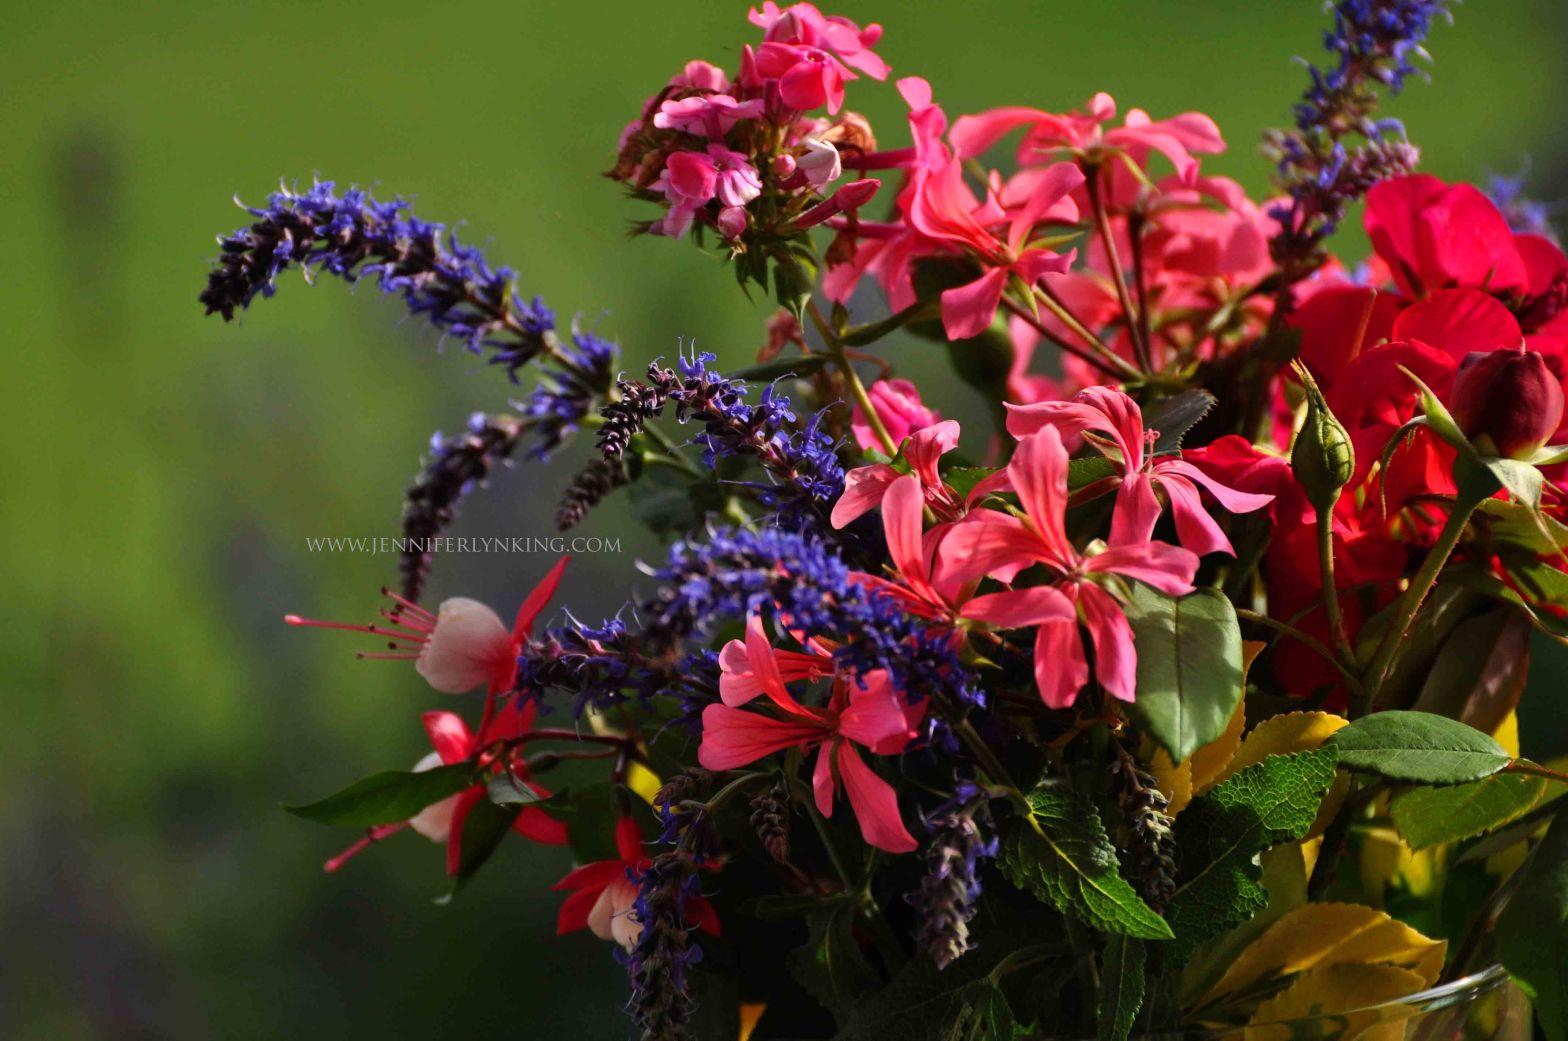 Florals in Summer